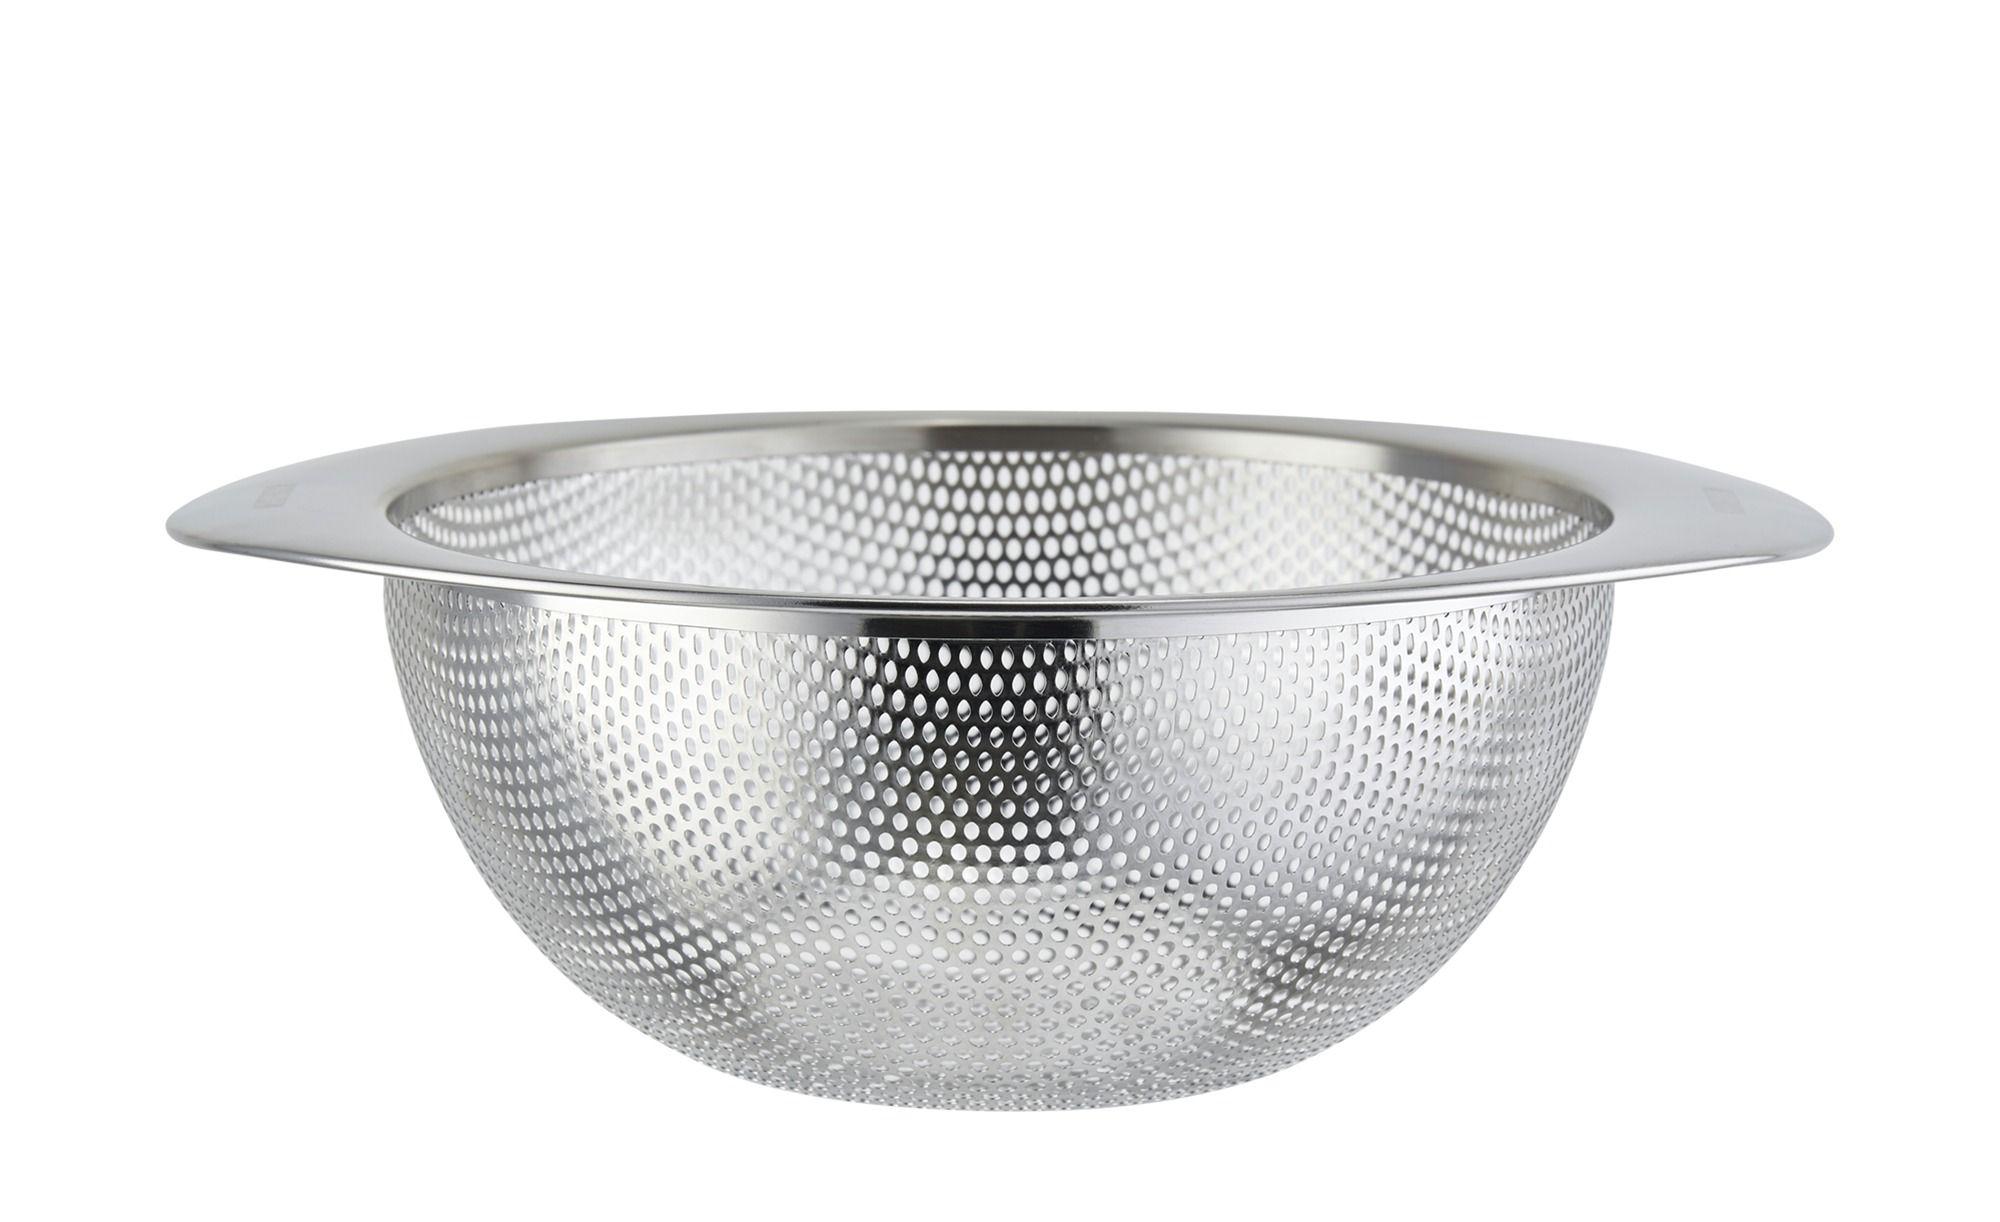 Meisterkoch Sieb Gefunden Bei Mobel Hoffner Meisterkoch Kuchenzubehor Und Kuchen Zubehor